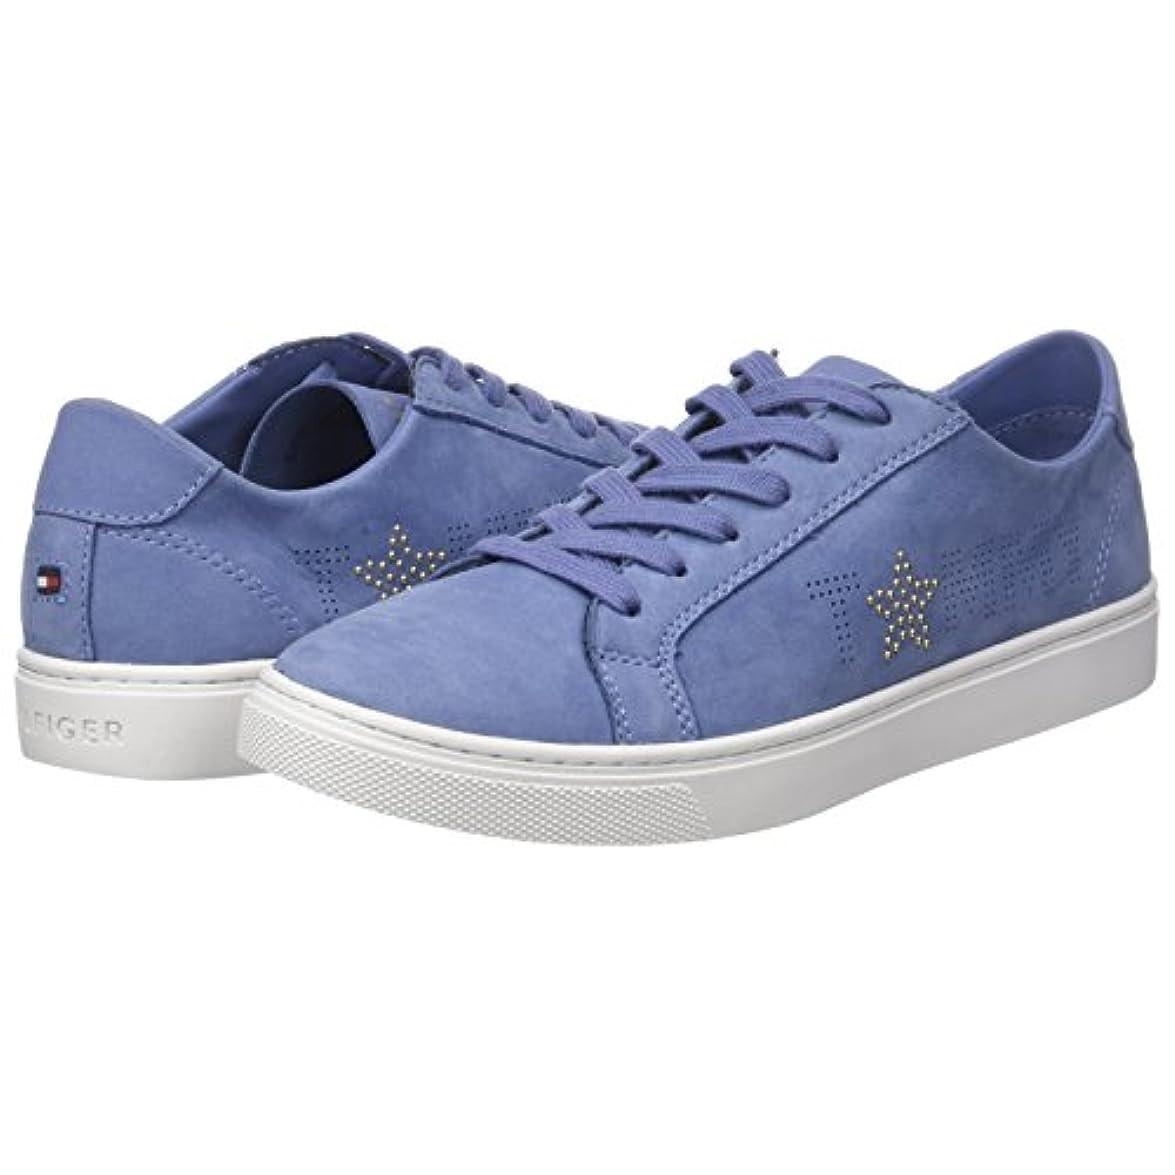 Tommy Hilfiger Star Nubuck Sneaker Scarpe Da Ginnastica Basse Donna